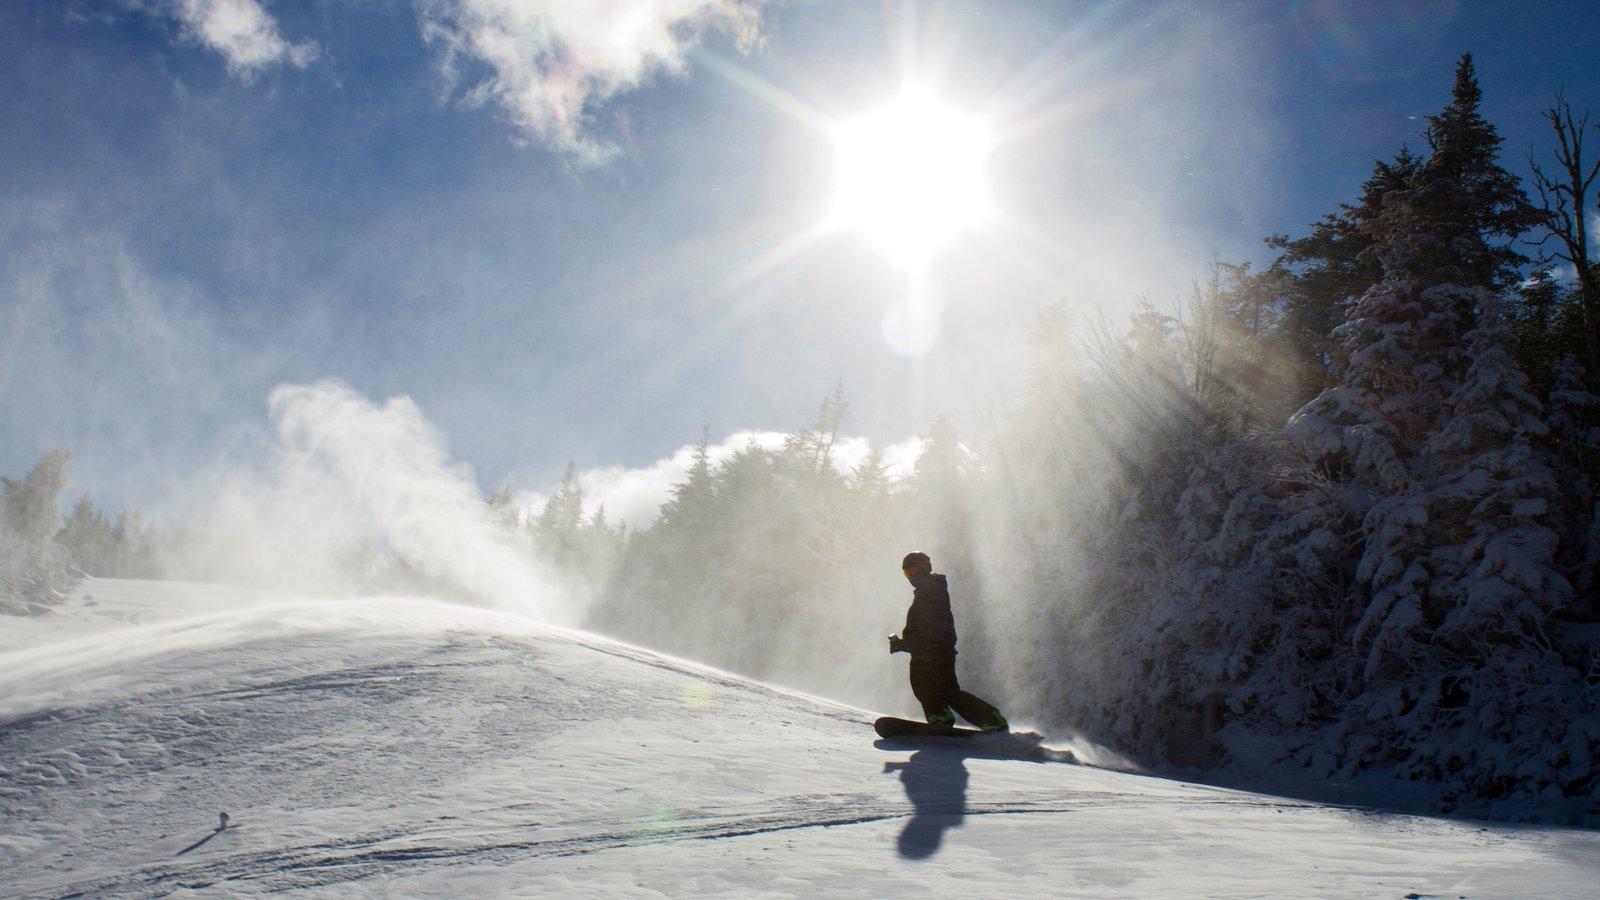 Montaña Whiteface mostrando nieve y snowboard y también un hombre